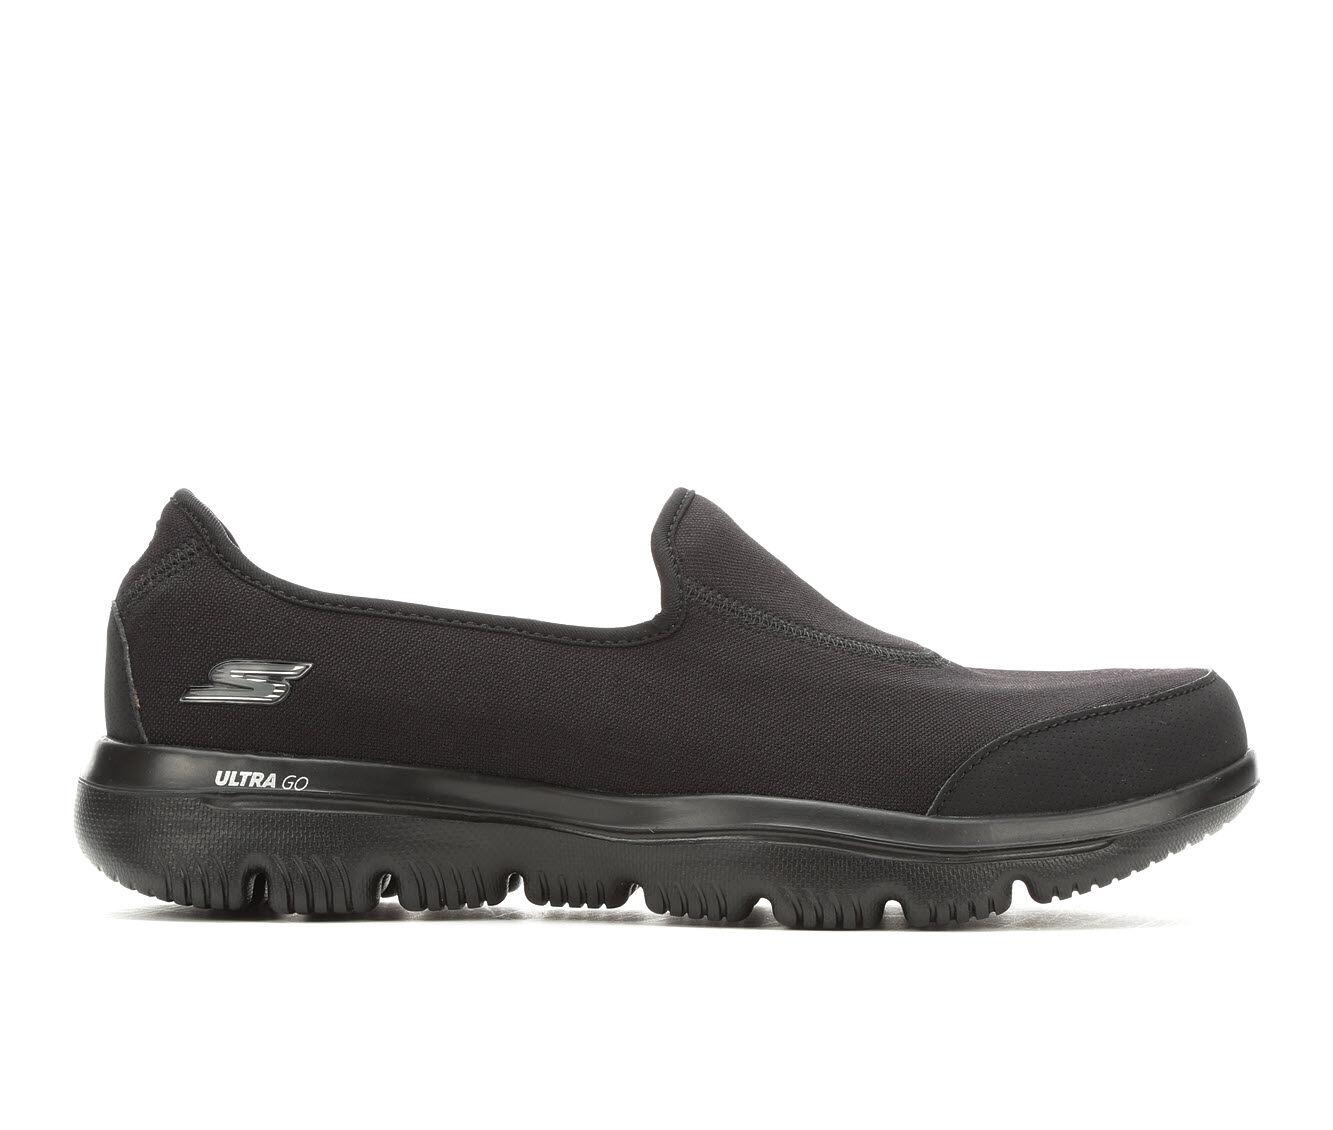 Women's Skechers Go Ultra 15763 Slip-On Shoes Black